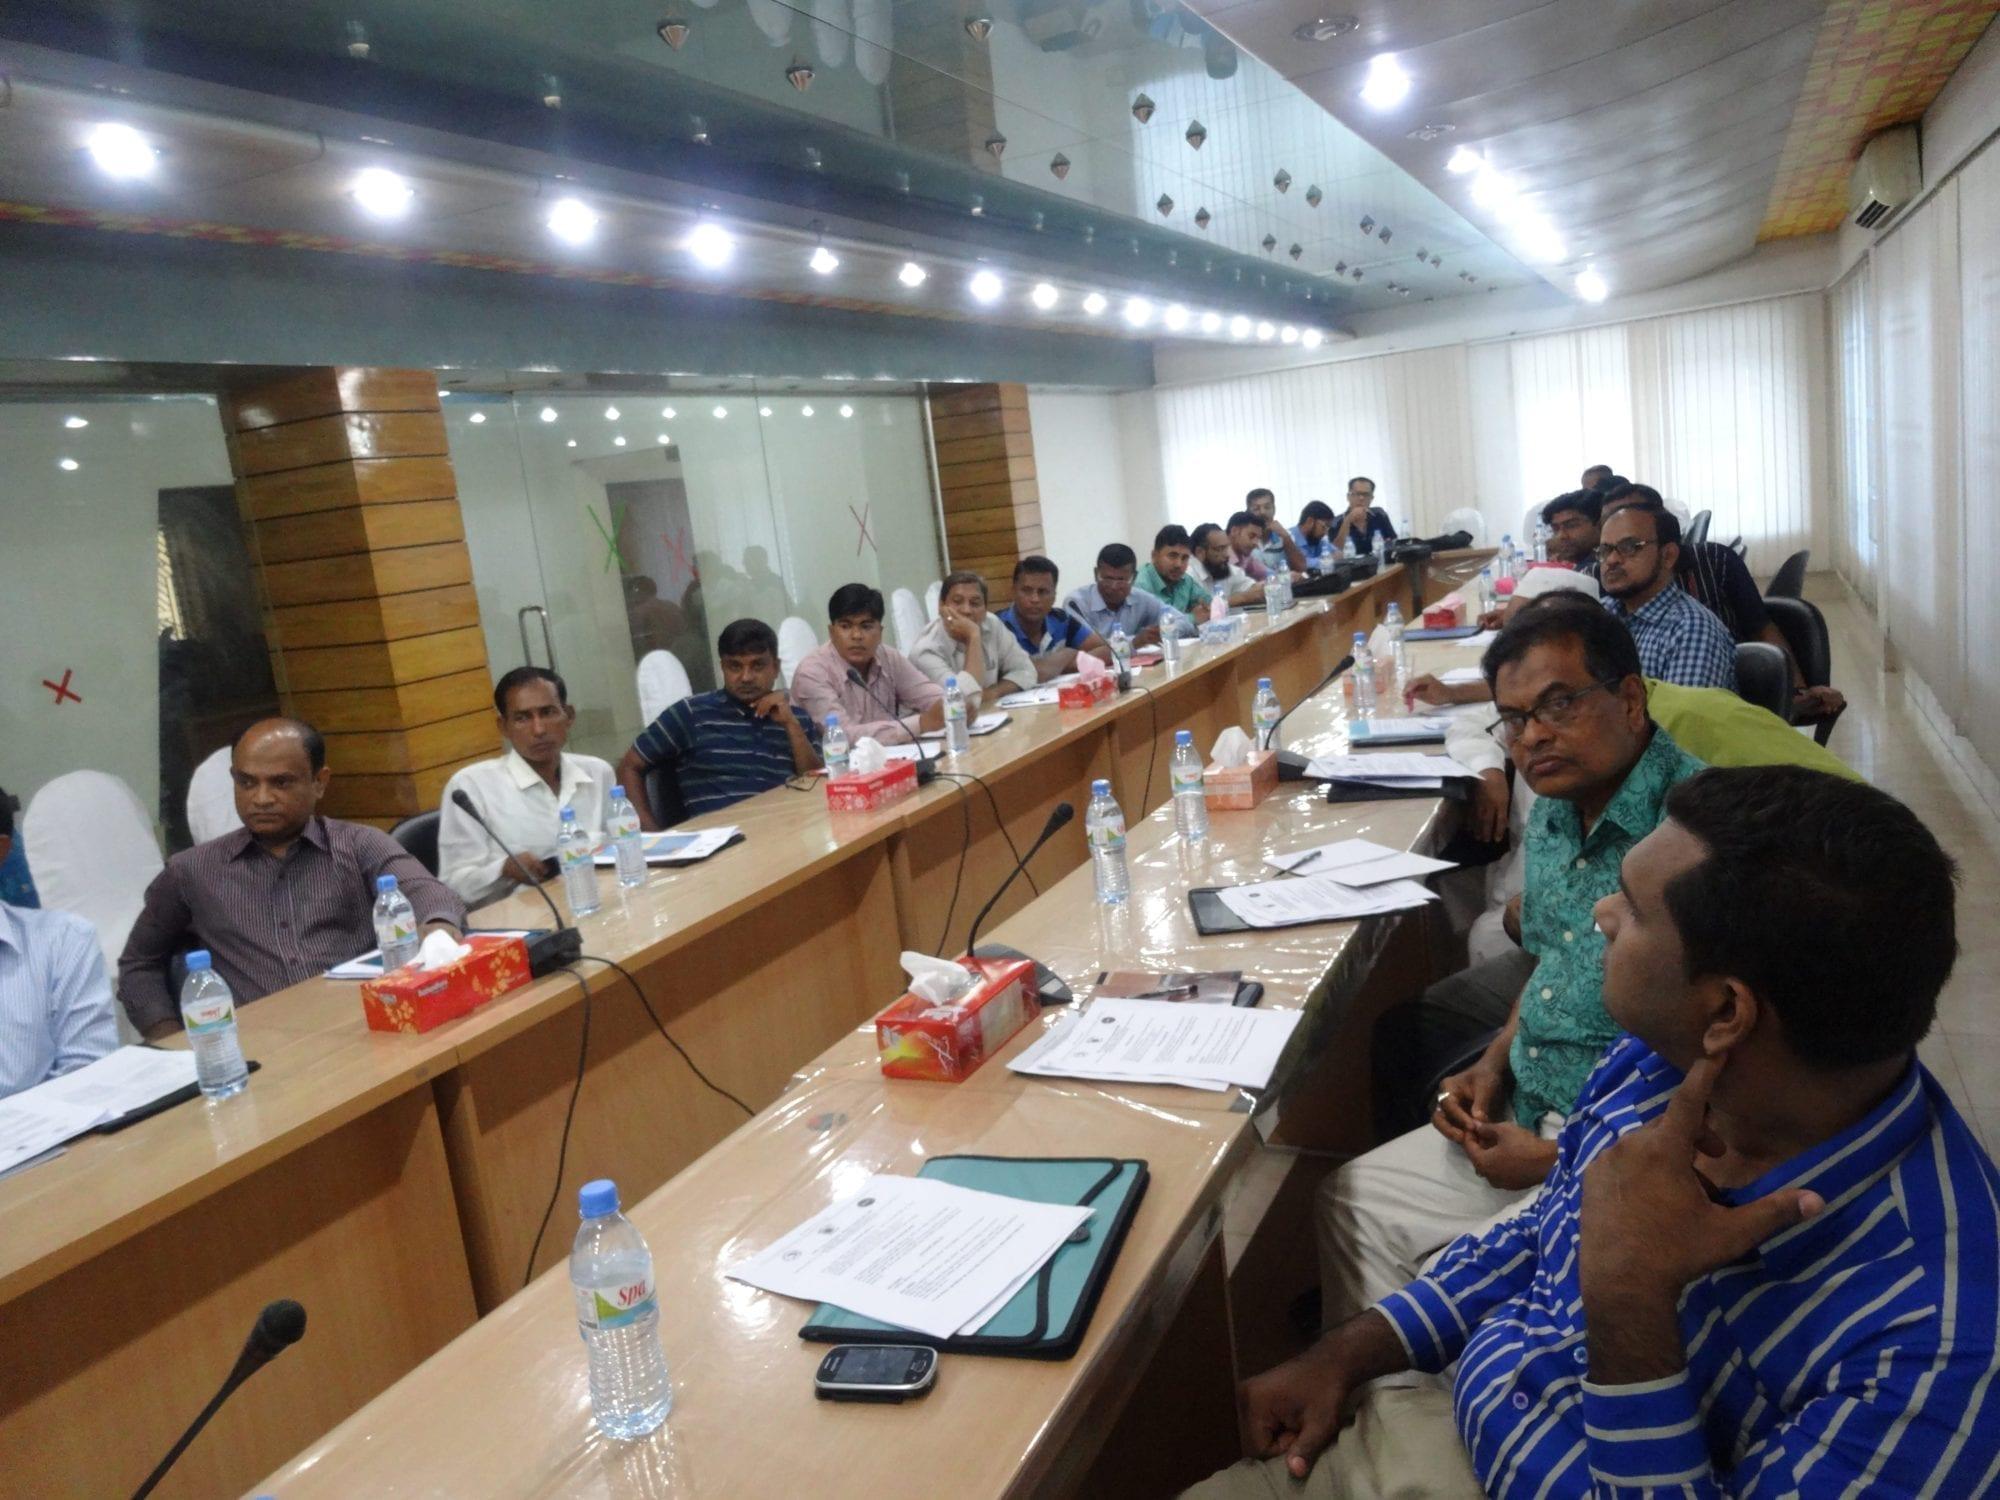 Bangladesh Shrimp workshop